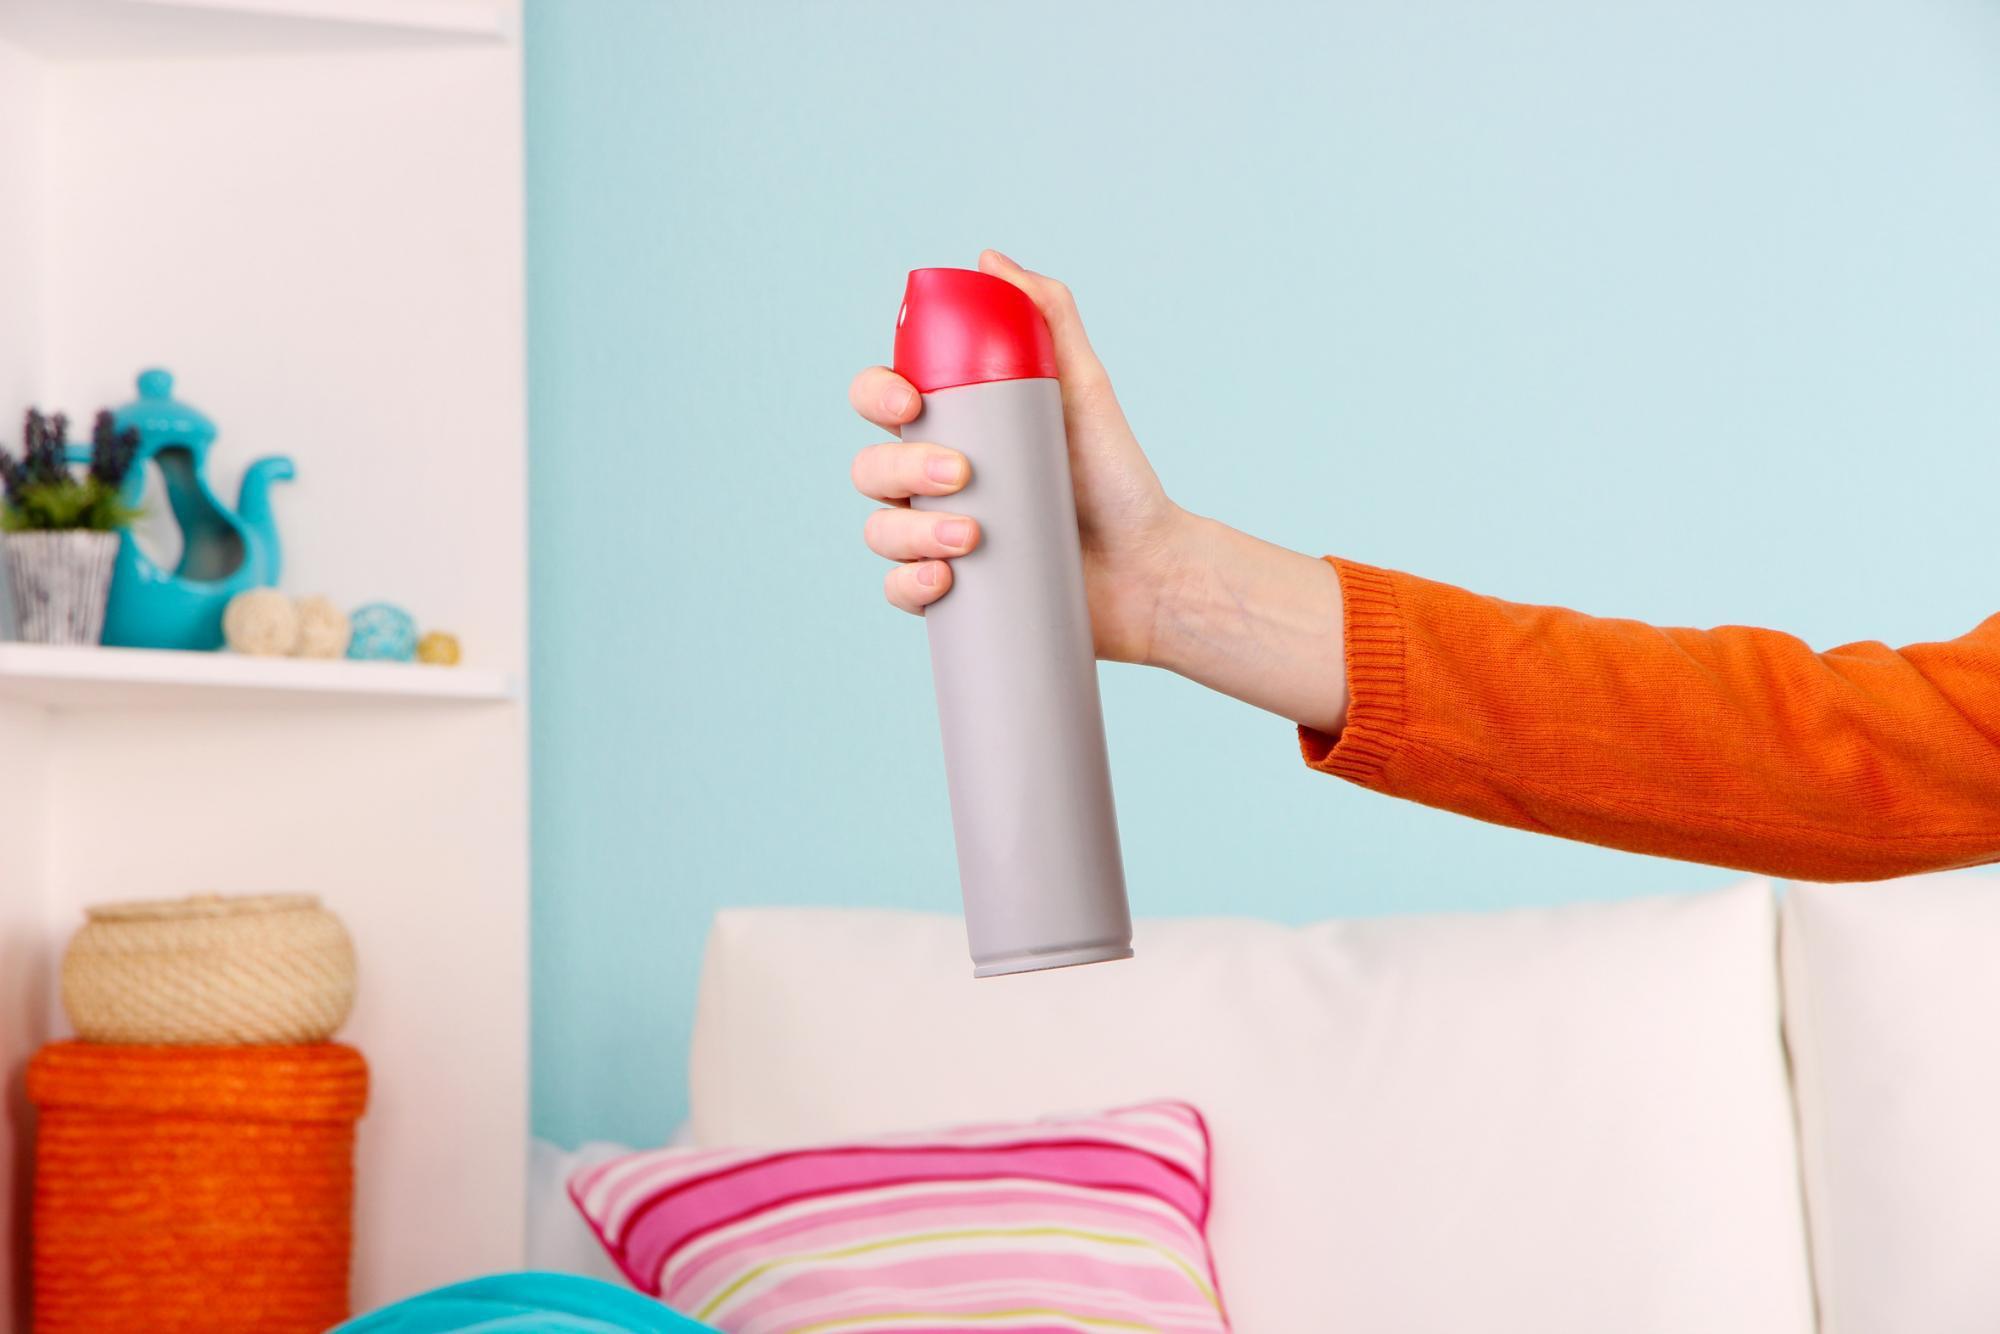 Как избавиться от запаха краски в квартире после покраски освежителем воздуха